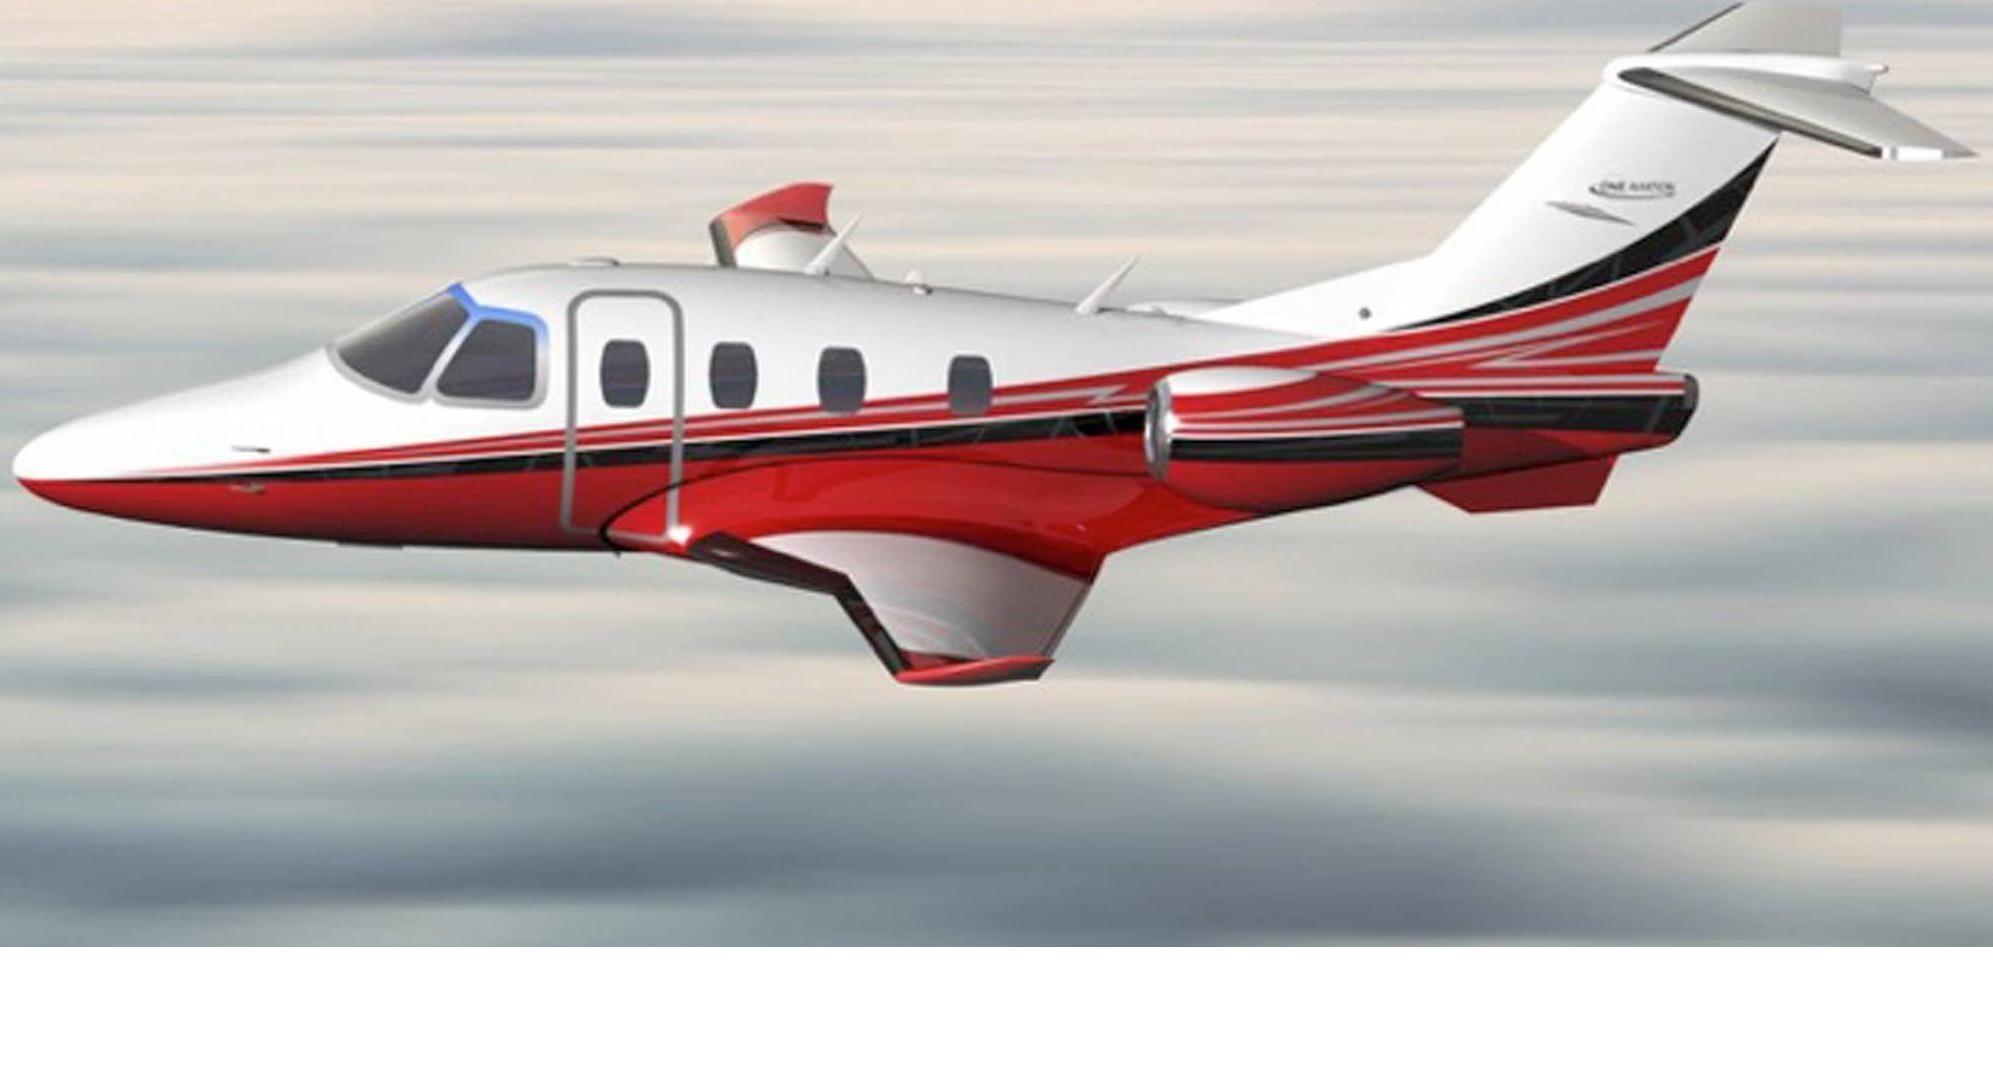 Kestrel K350 Release date